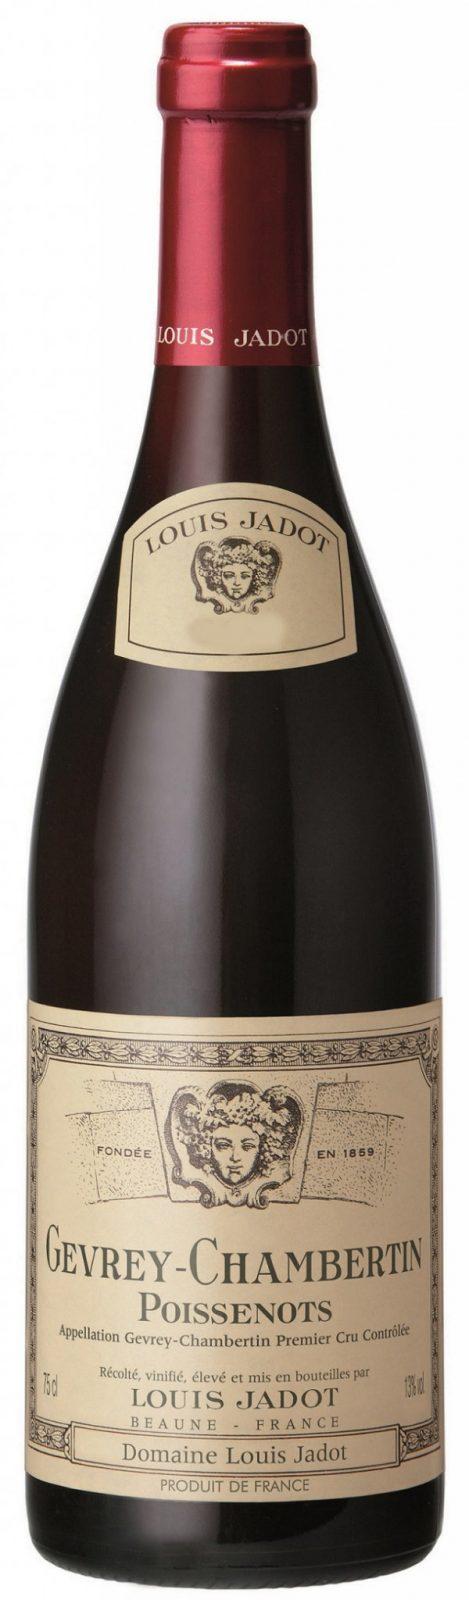 Louis Jadot Gevrey Chambertin Poissenots Wineaffair